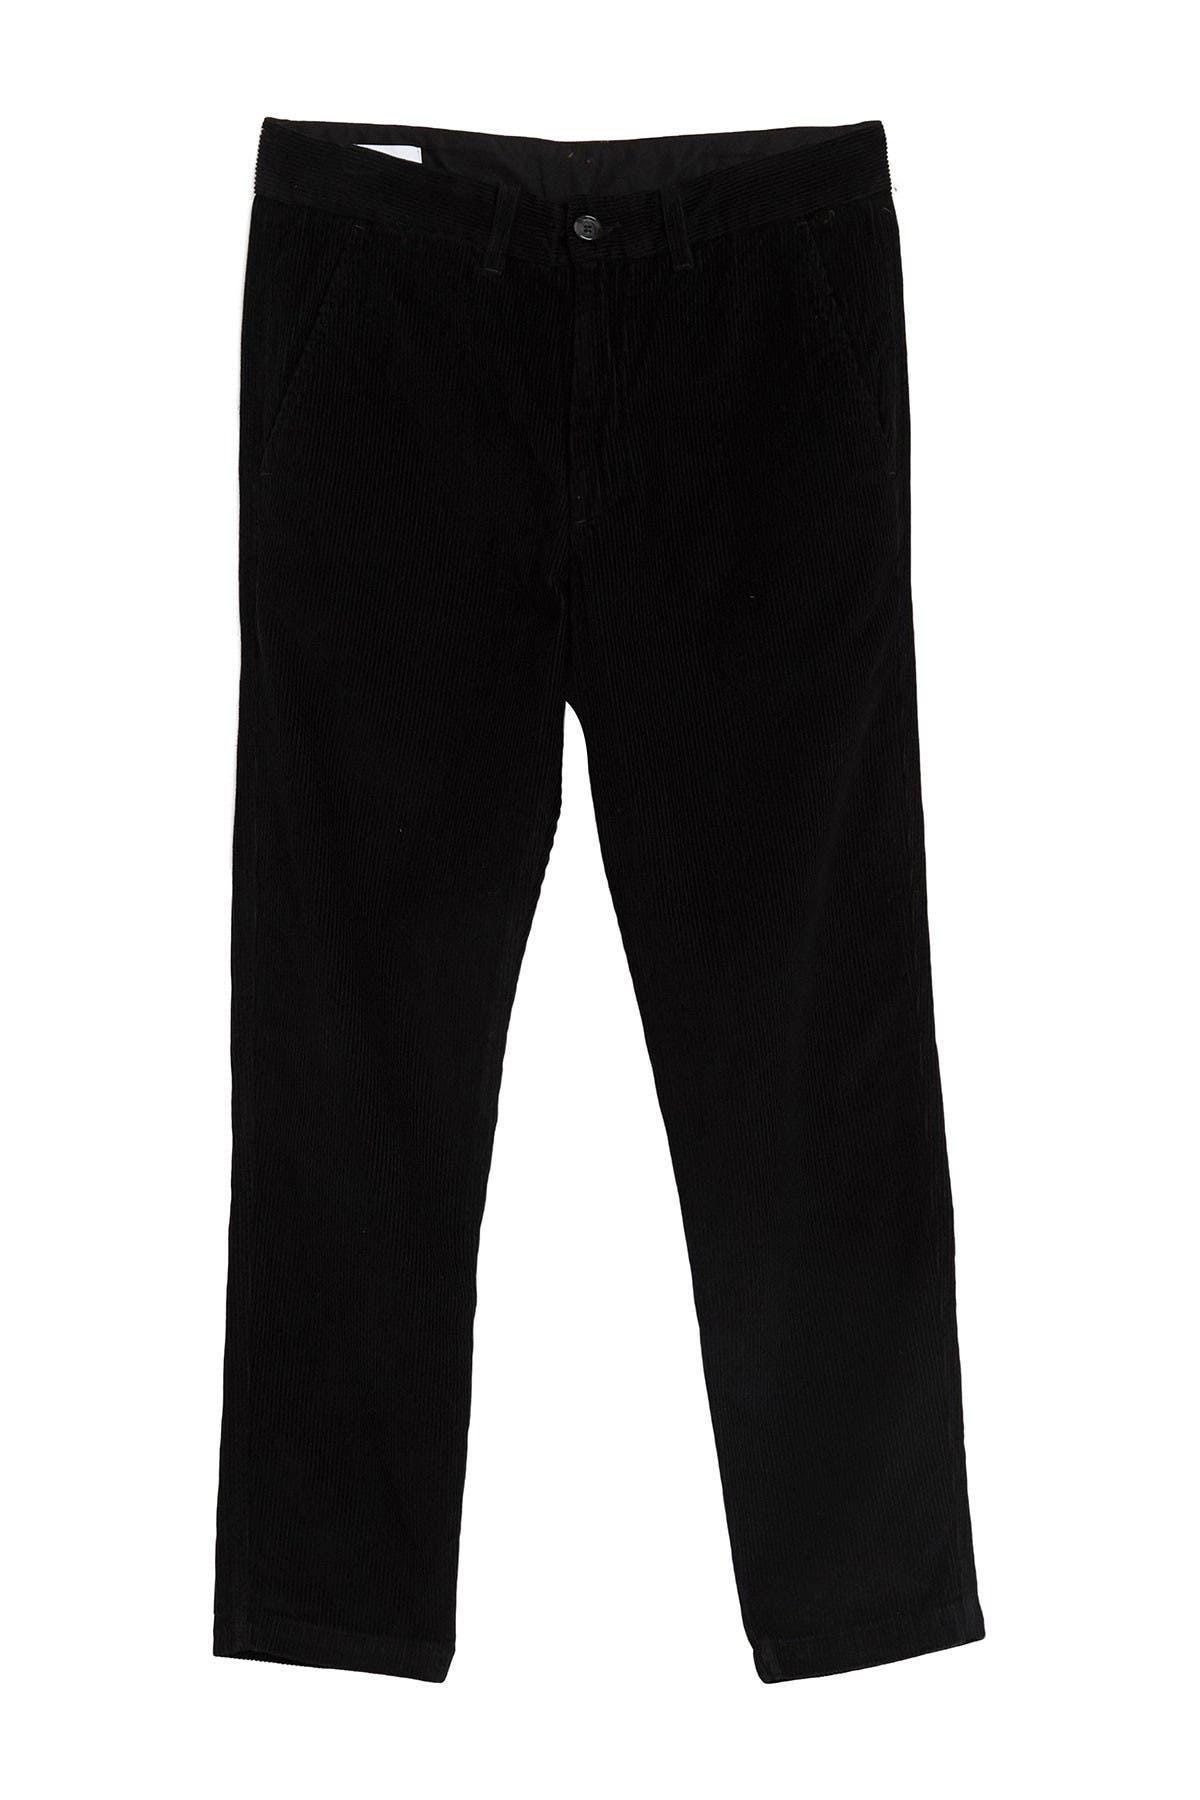 Image of BALDWIN Augi Corduroy Cotton Pants